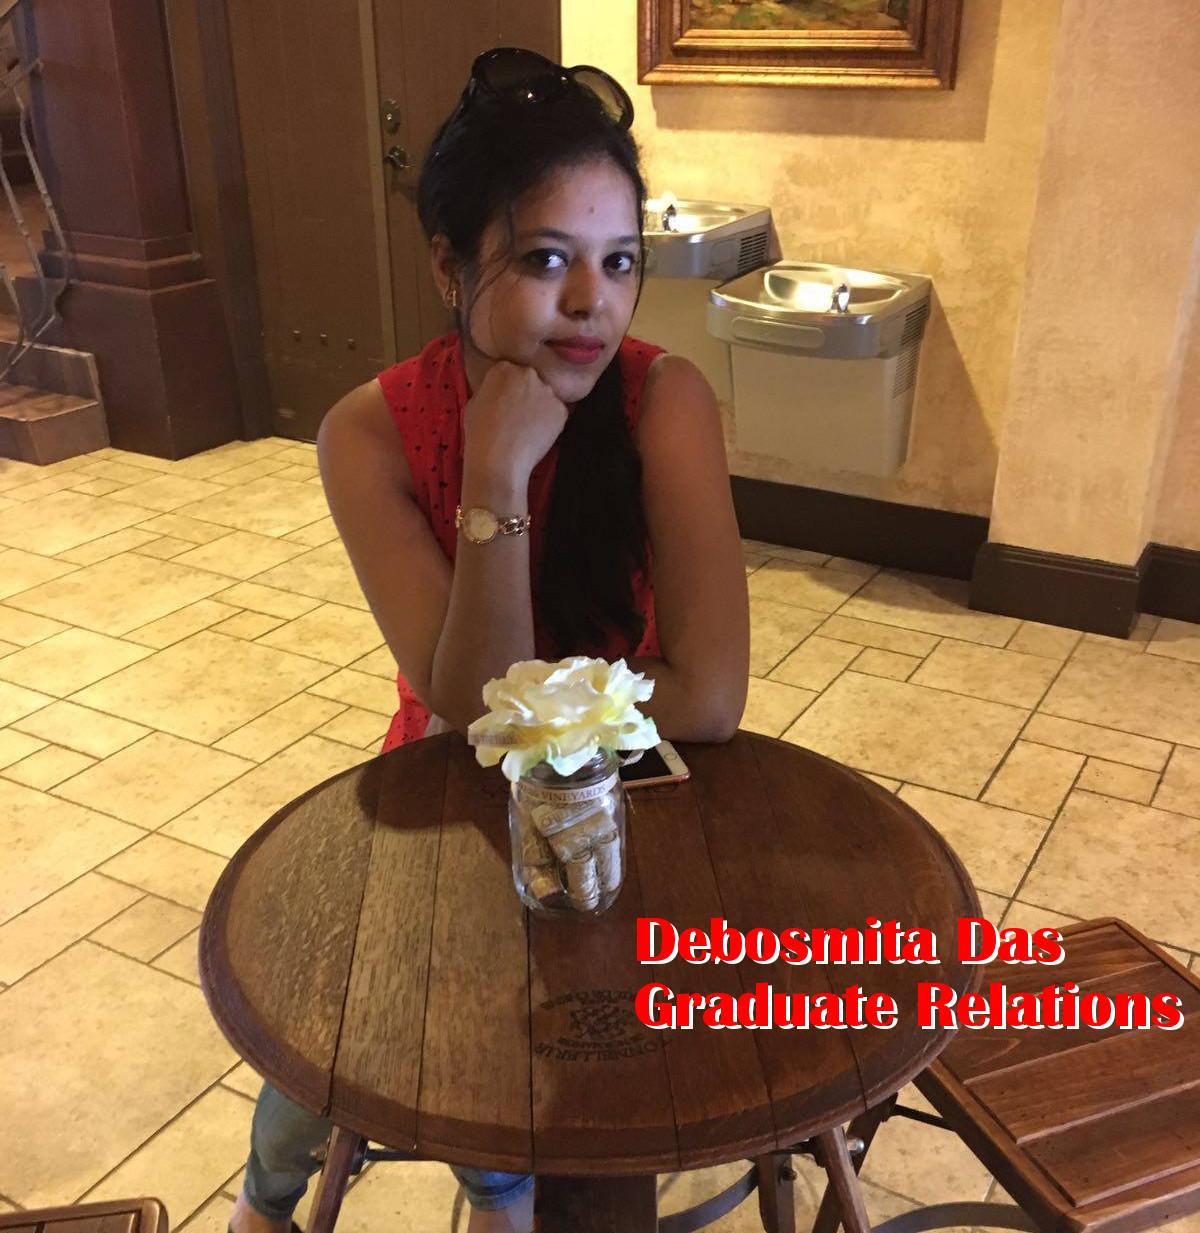 1Debosmita_Das_Graduate_Relations.jpg